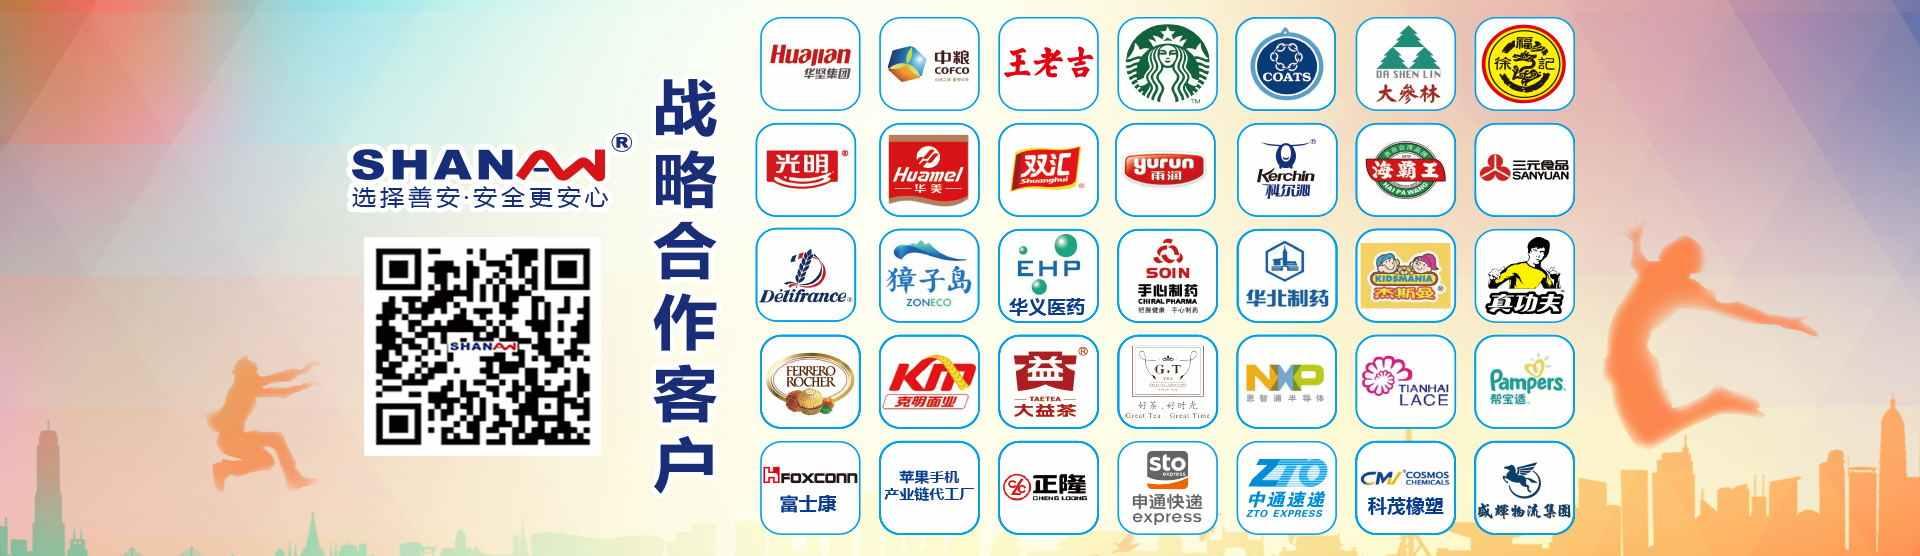 善安金屬(shu)合作企業